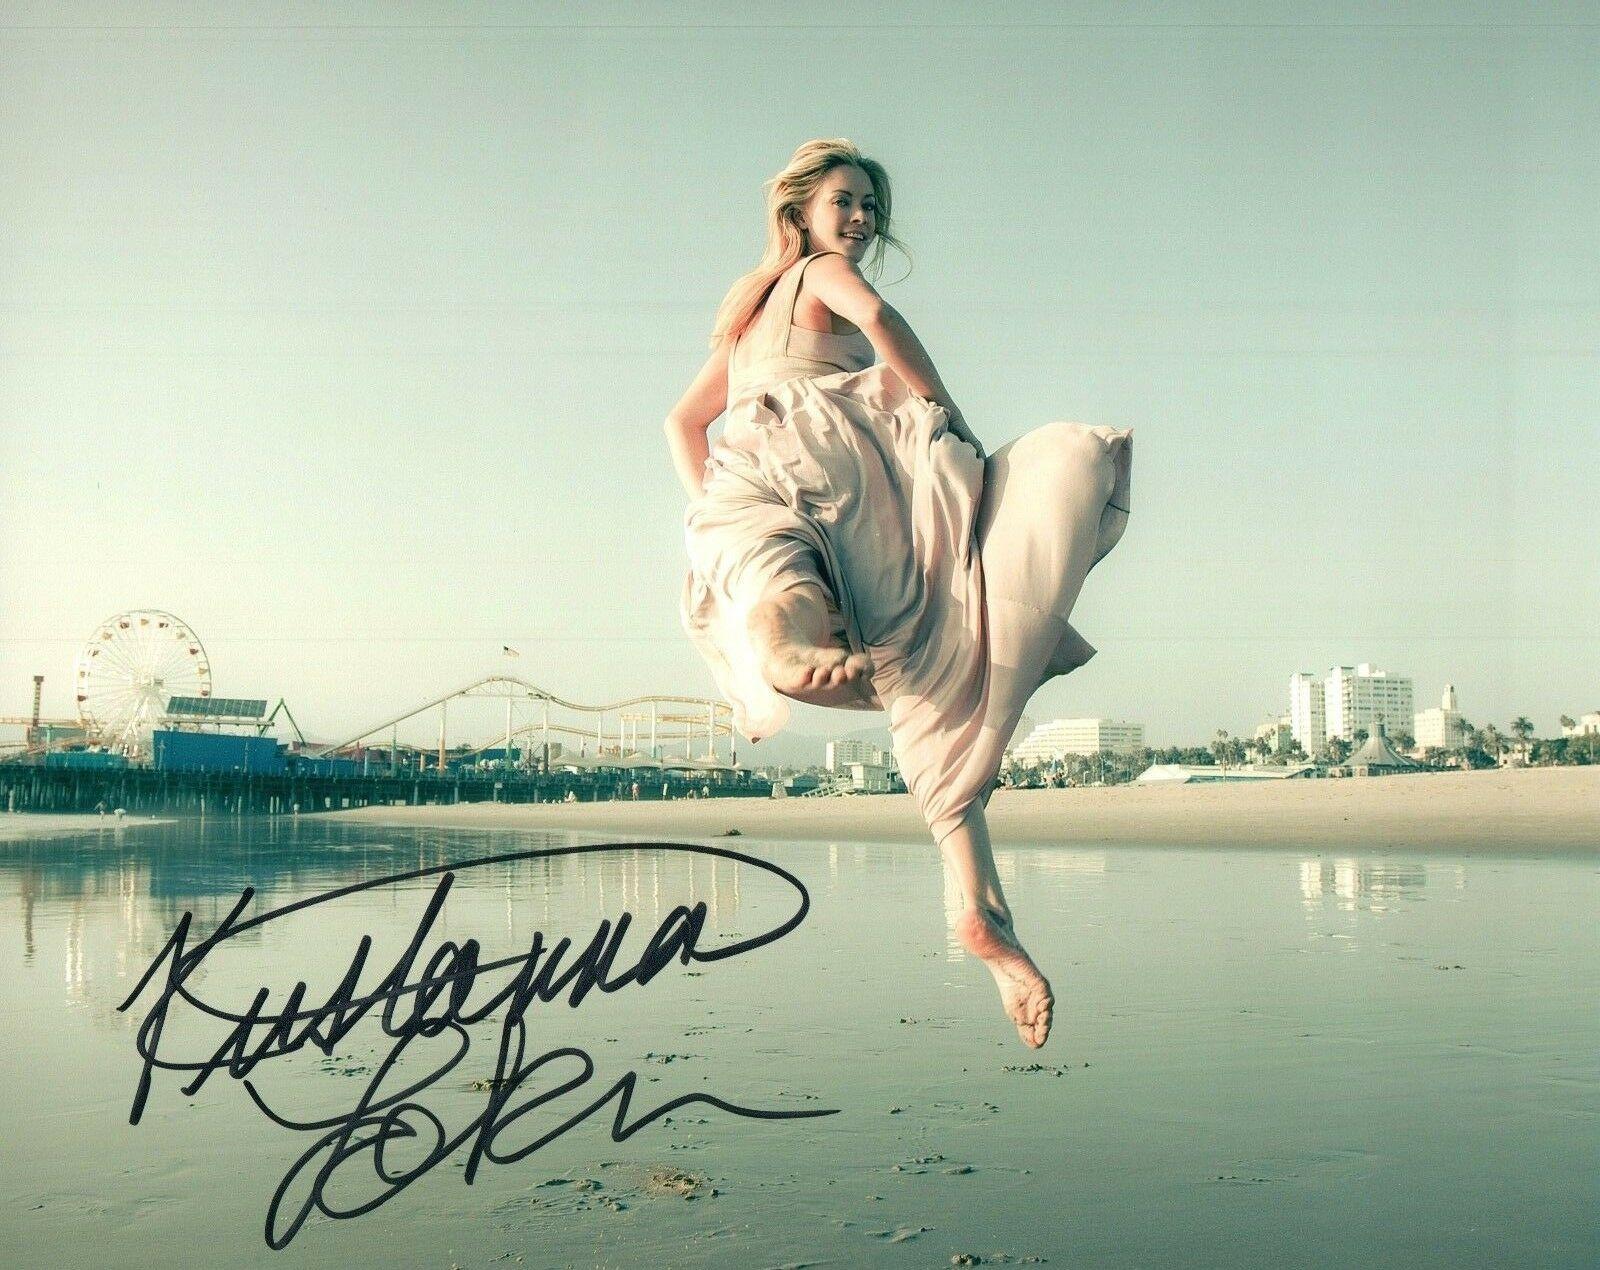 https://pics.wikifeet.com/Kristanna-Loken-Feet-4672504.jpg